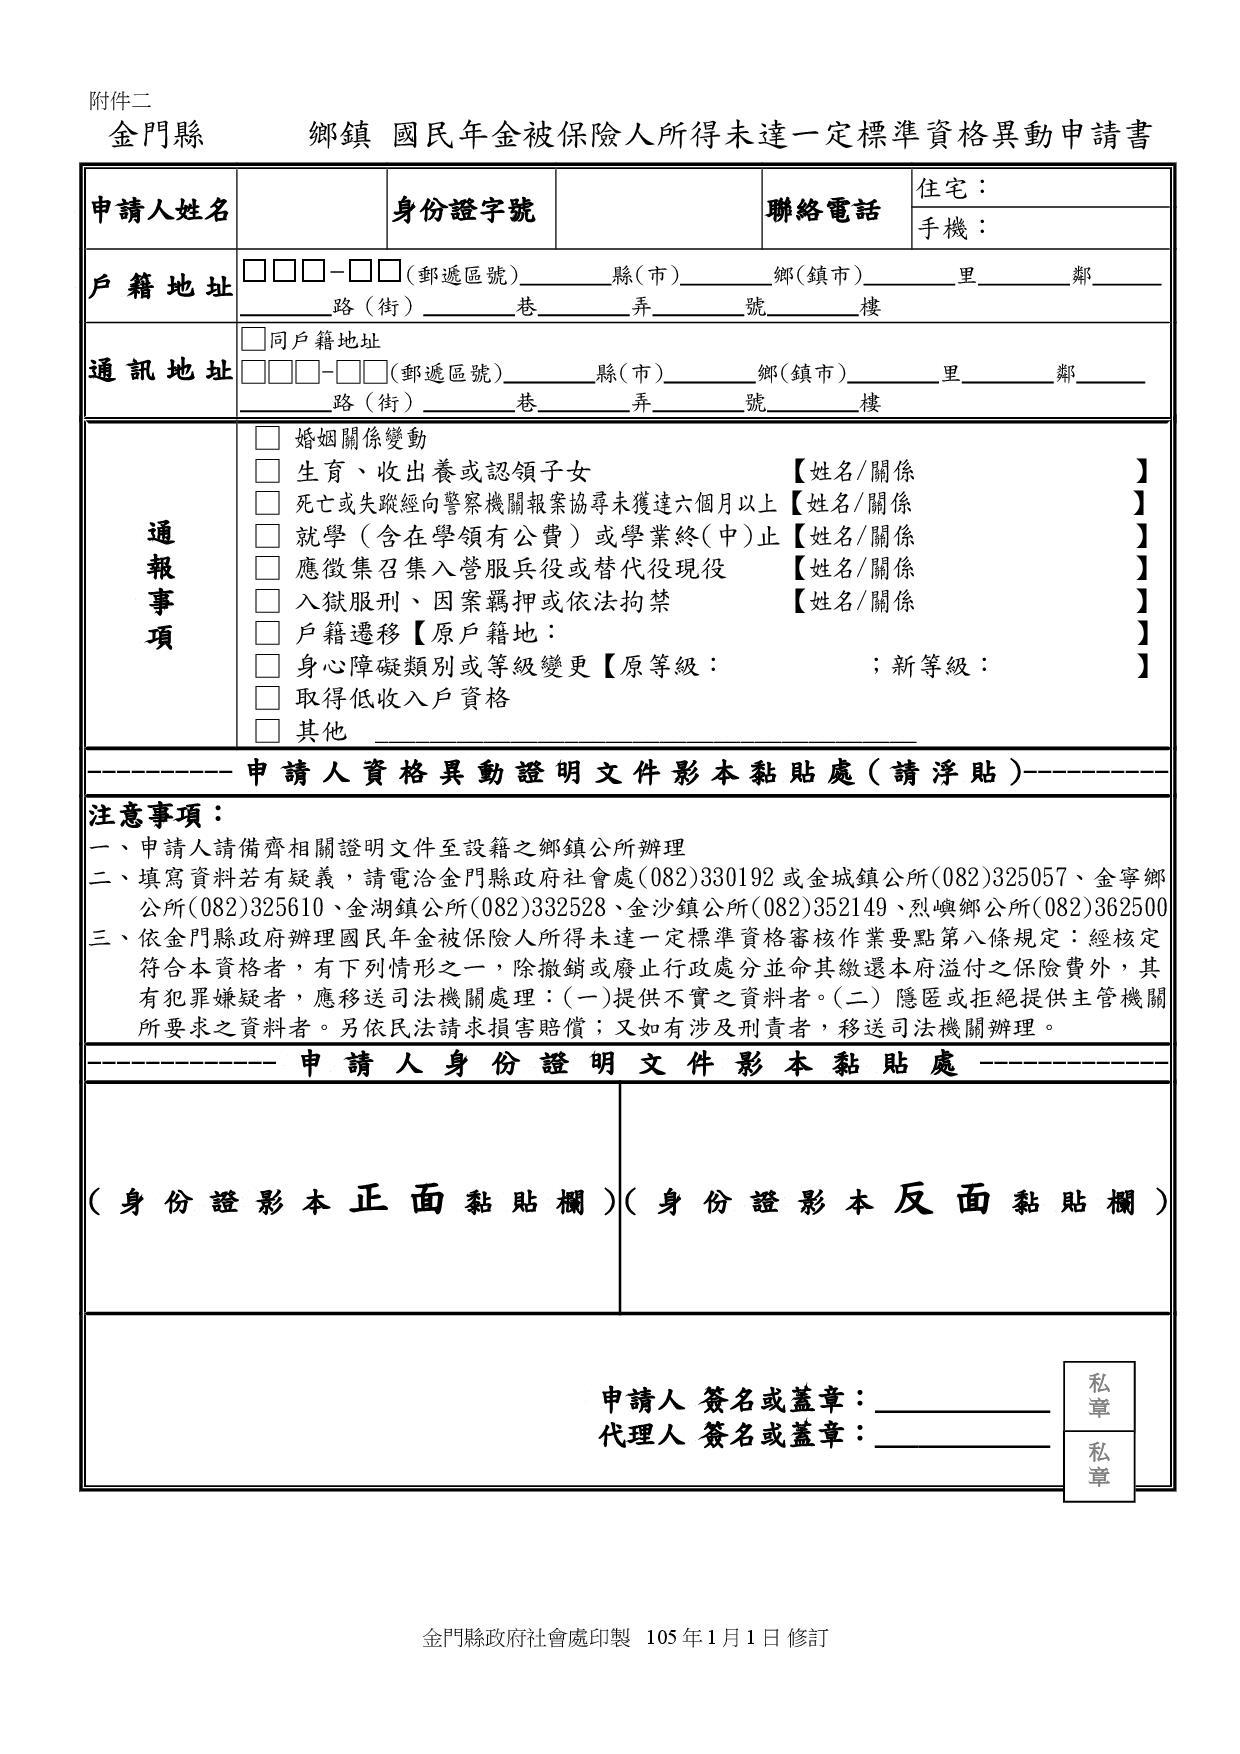 國民年金-資格異動申請書105版